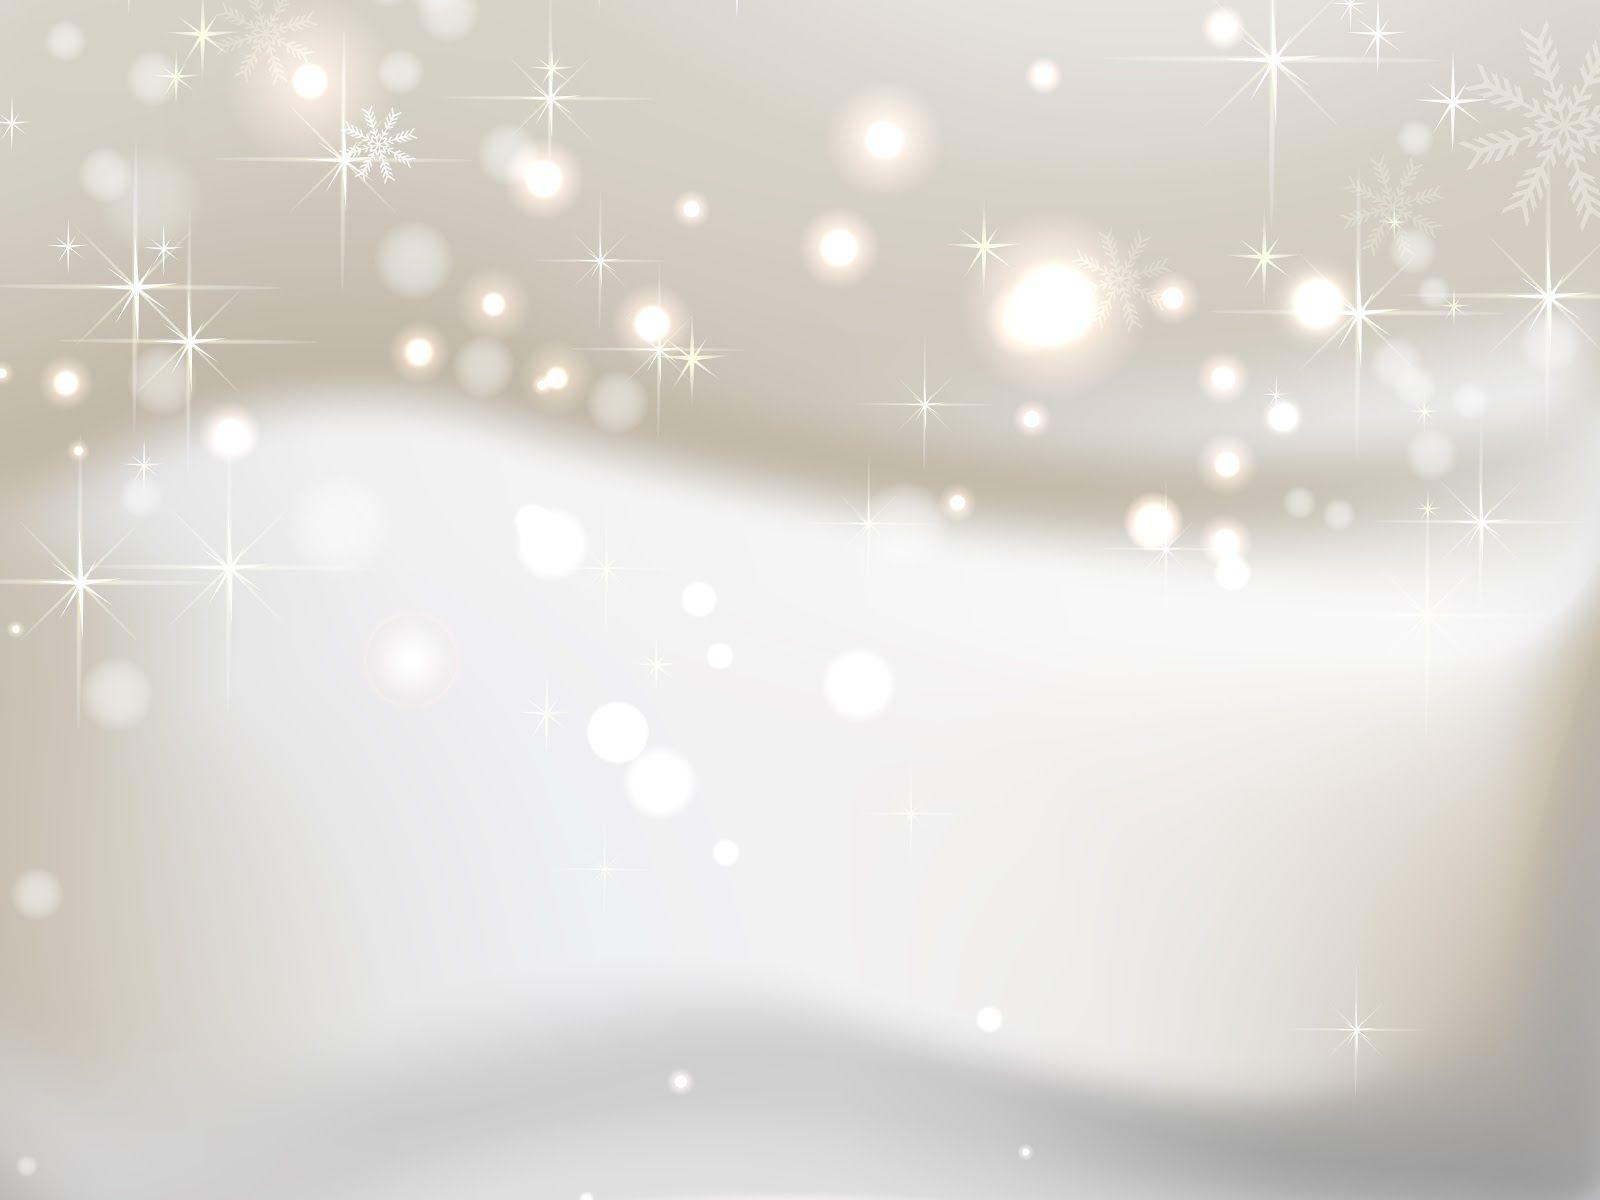 Fondos Navidad Iphone Para Pantalla Hd 2 HD Wallpapers